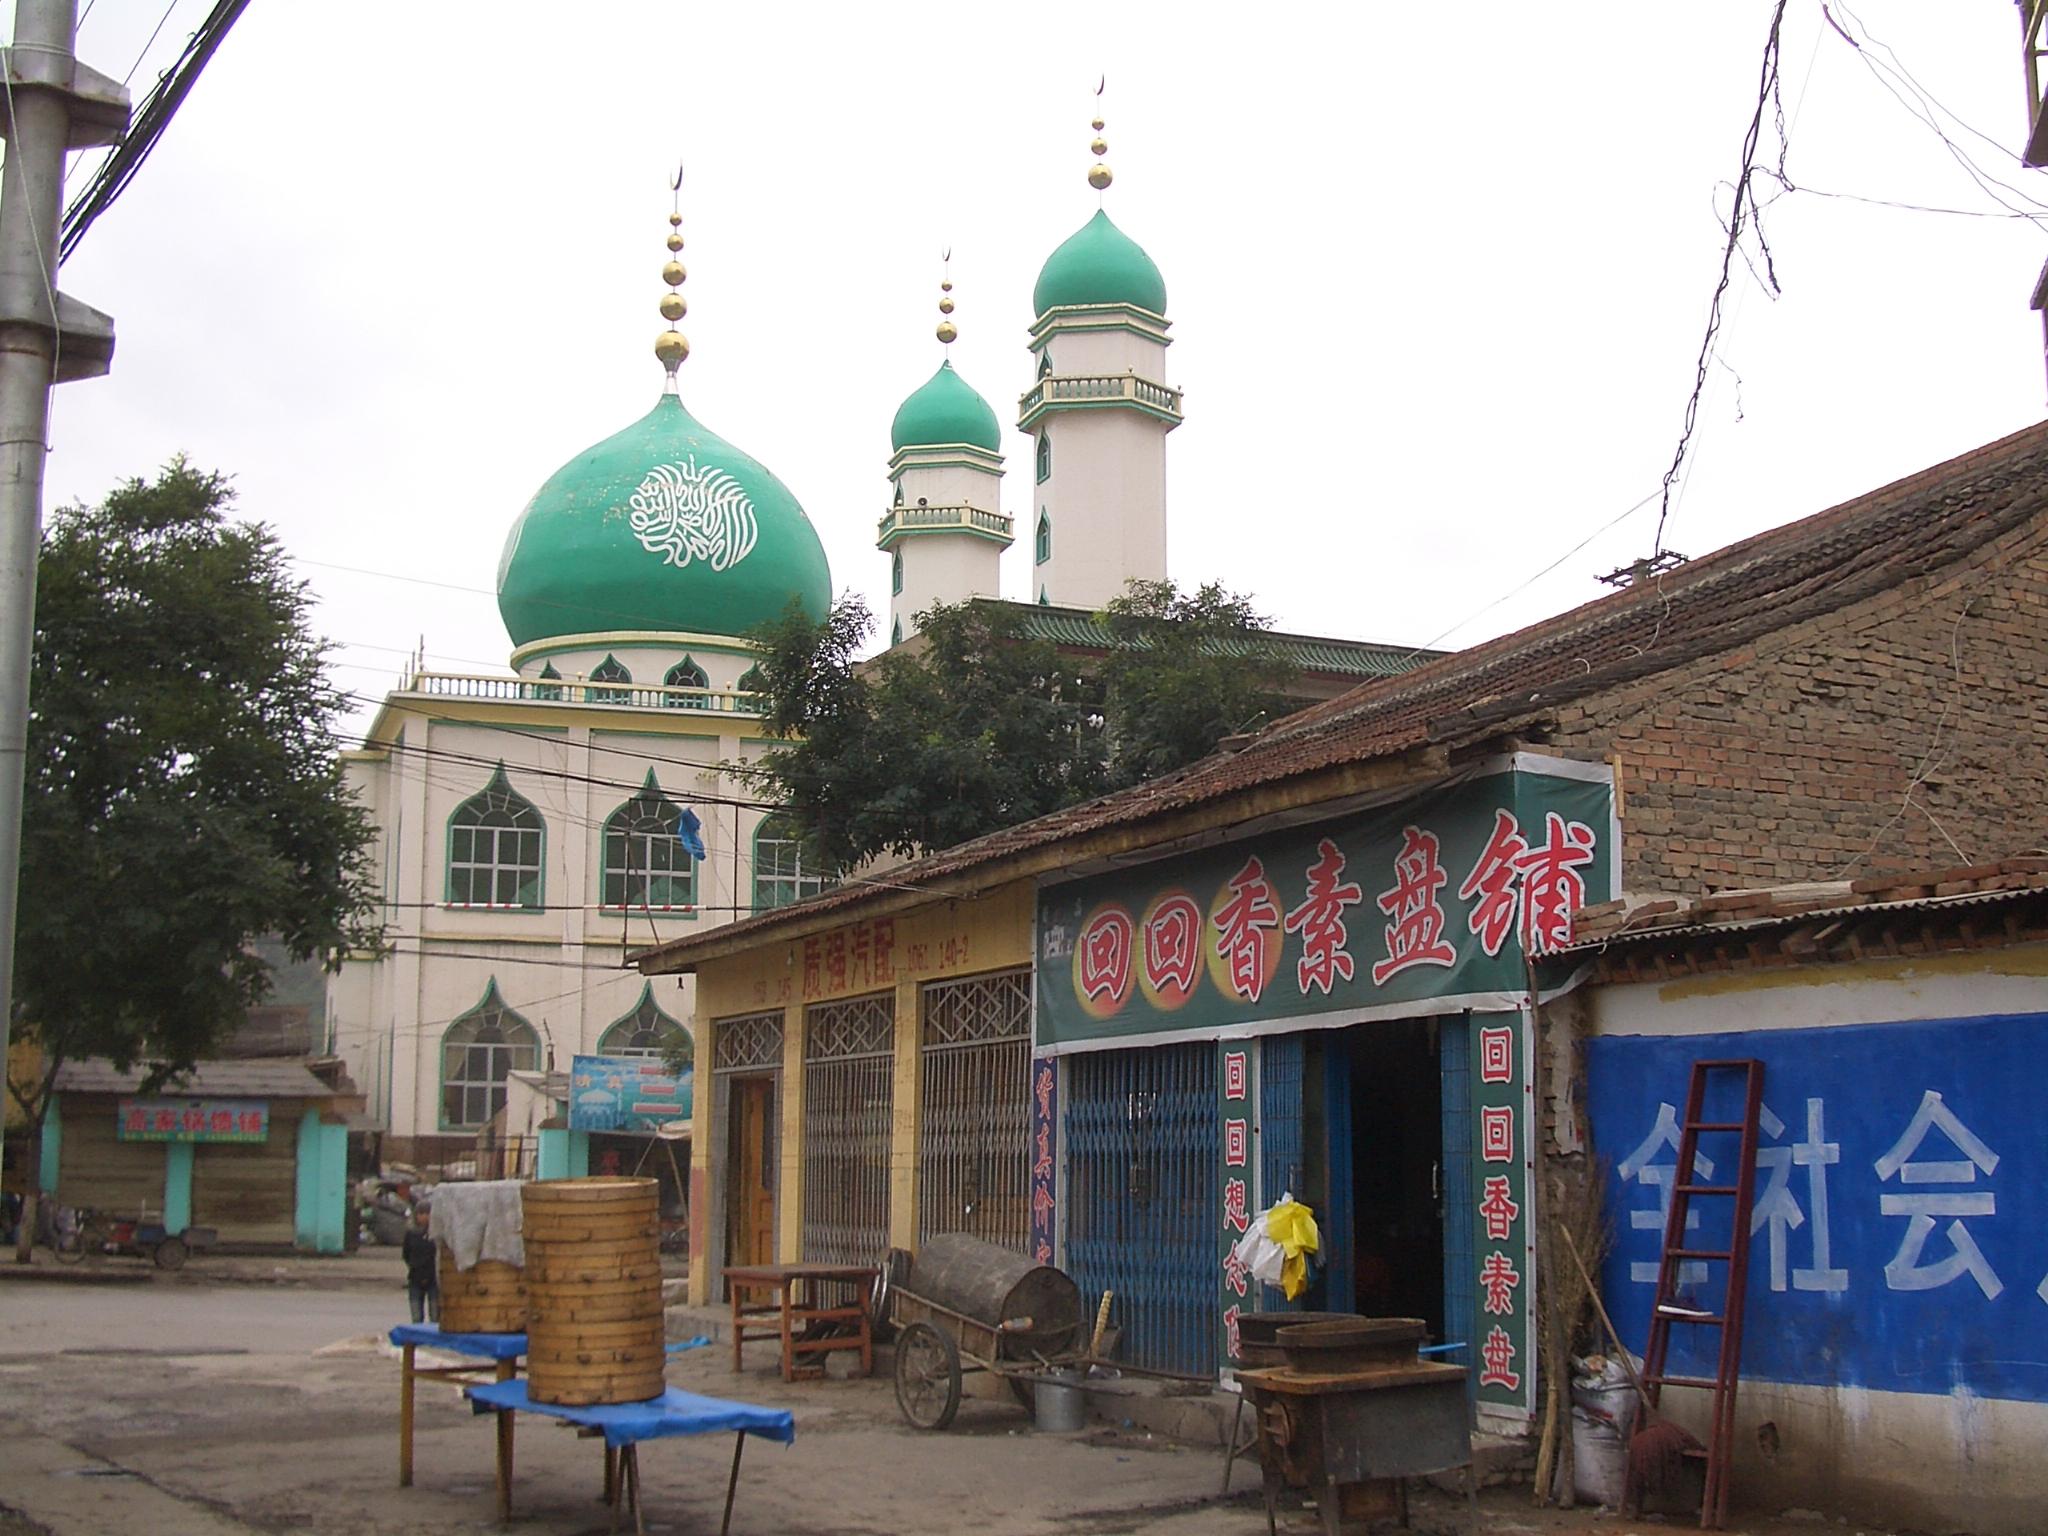 Photo of ادامه سیاست های تبعیض آمیز دولت چین بر ضد مسلمانان این کشور